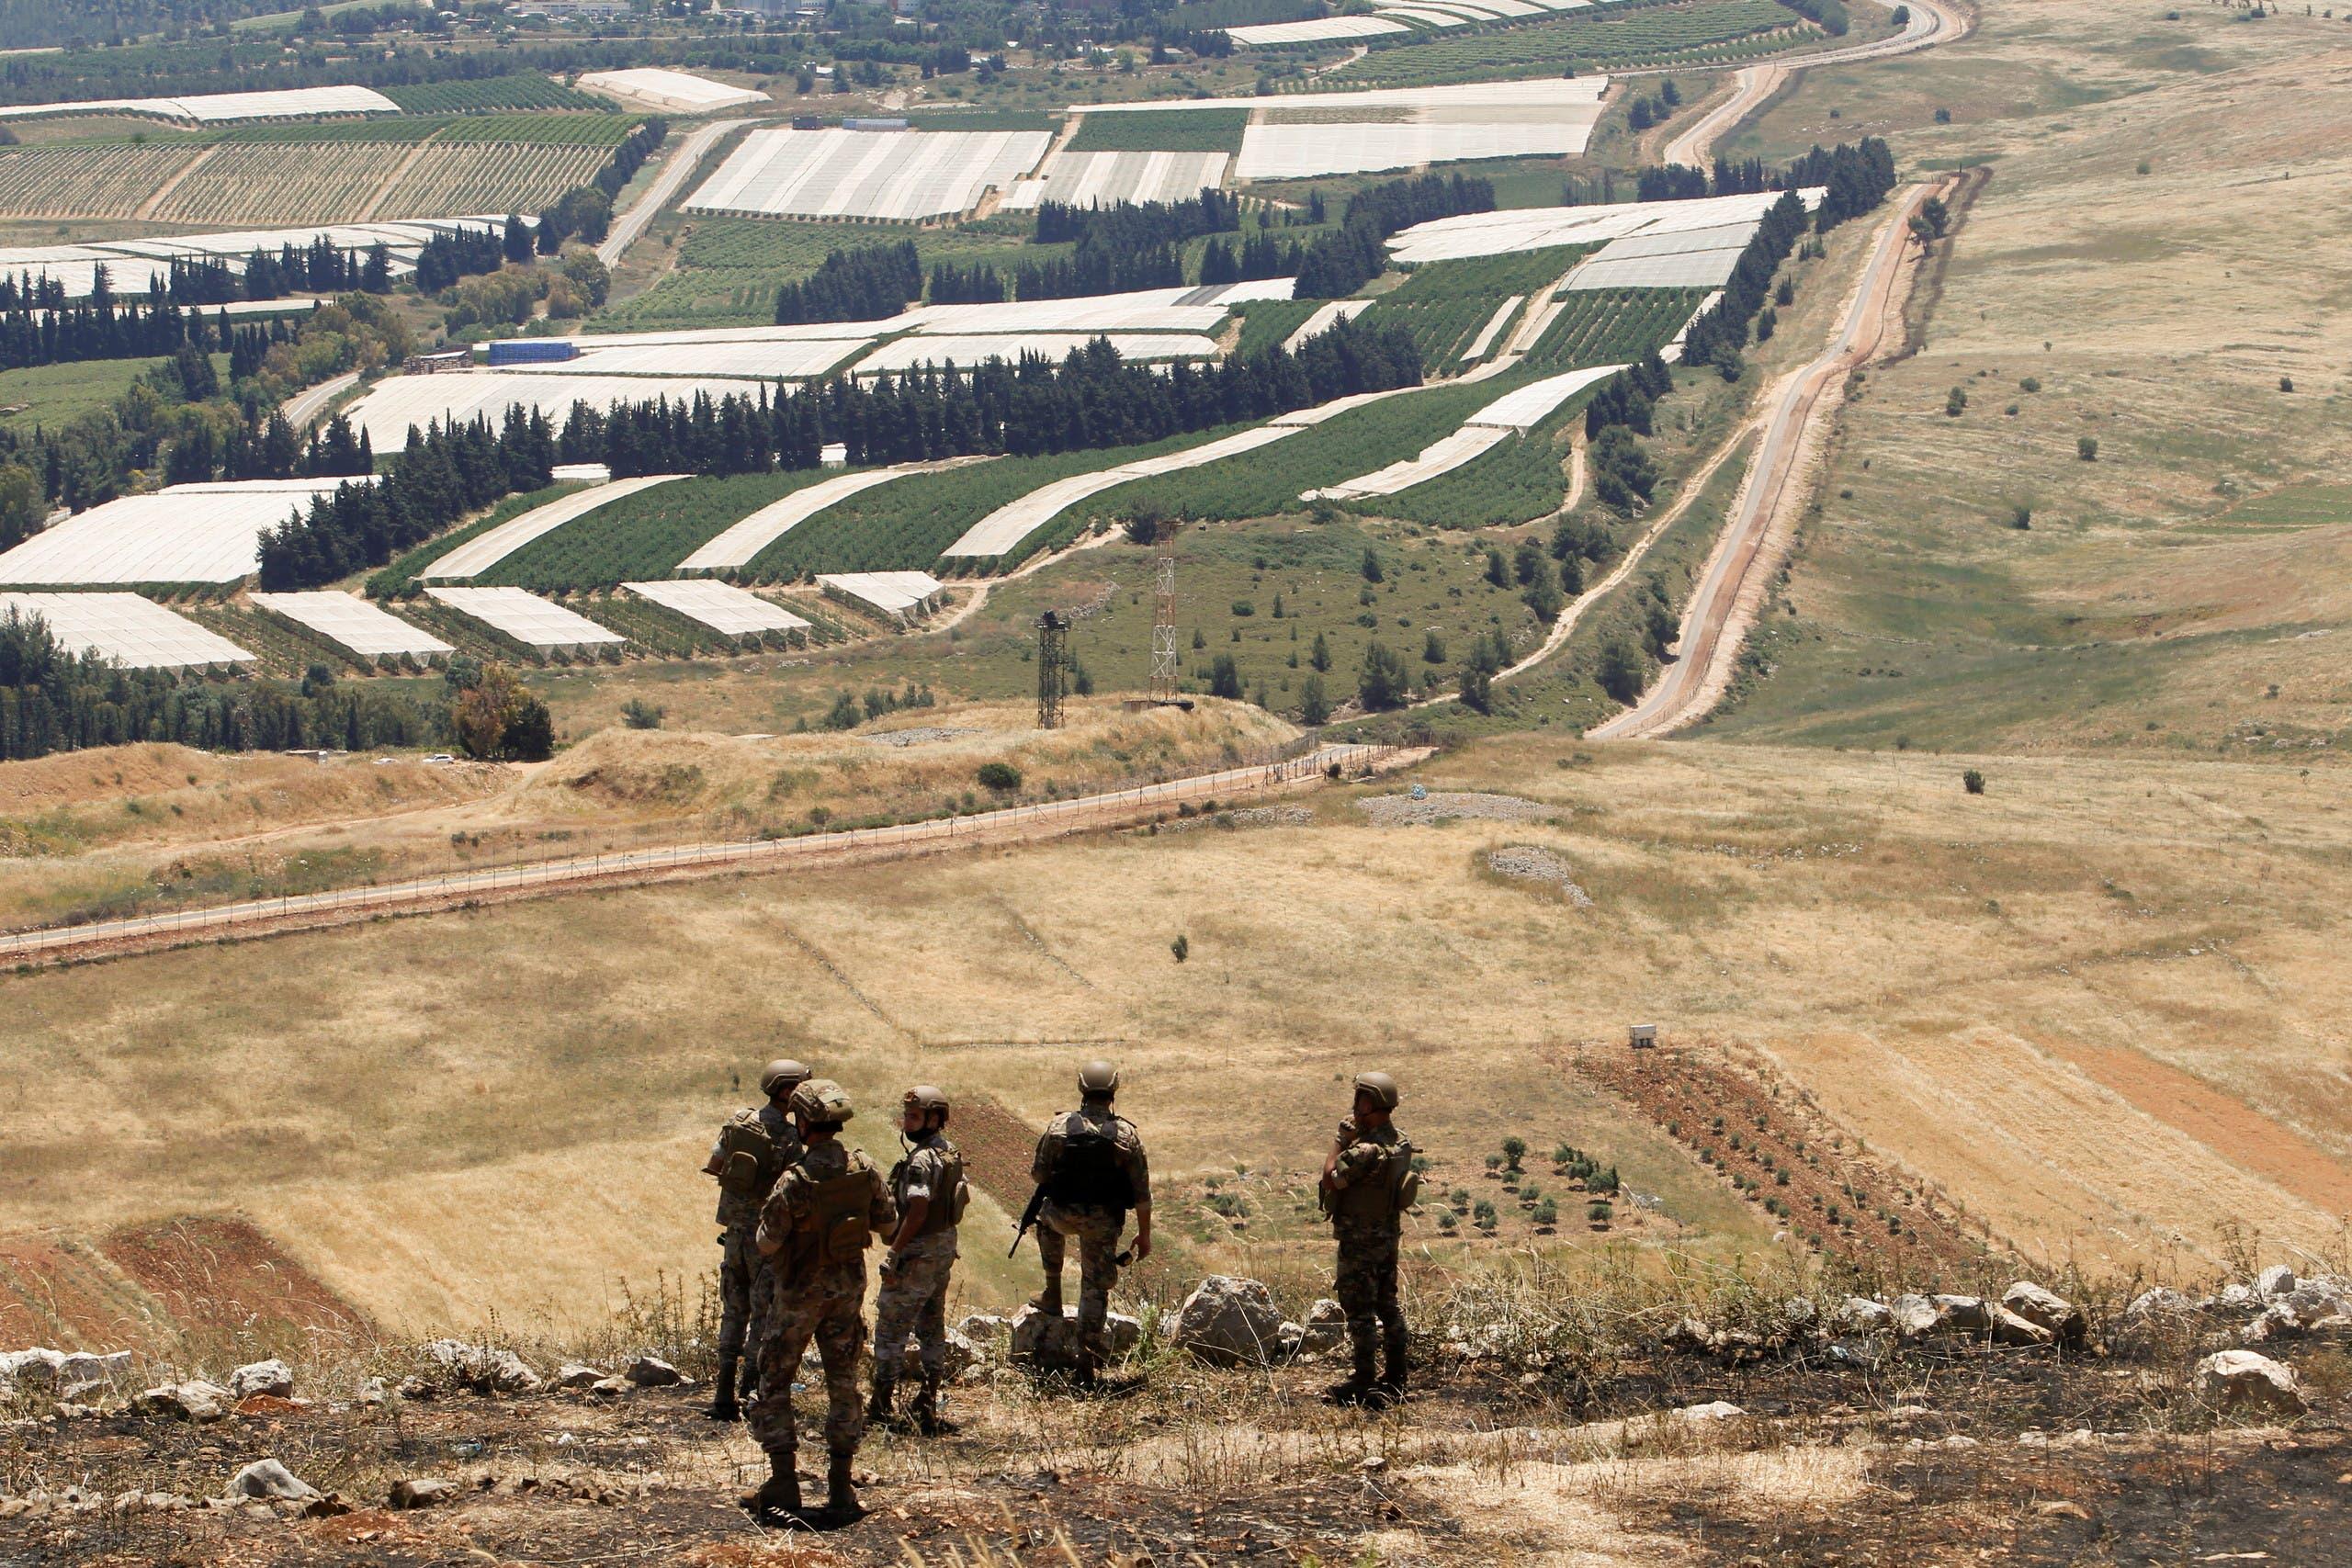 عناصر من الجيش اللبناني عند  الحدود اللبنانية الإسرائيلية (رويترز)